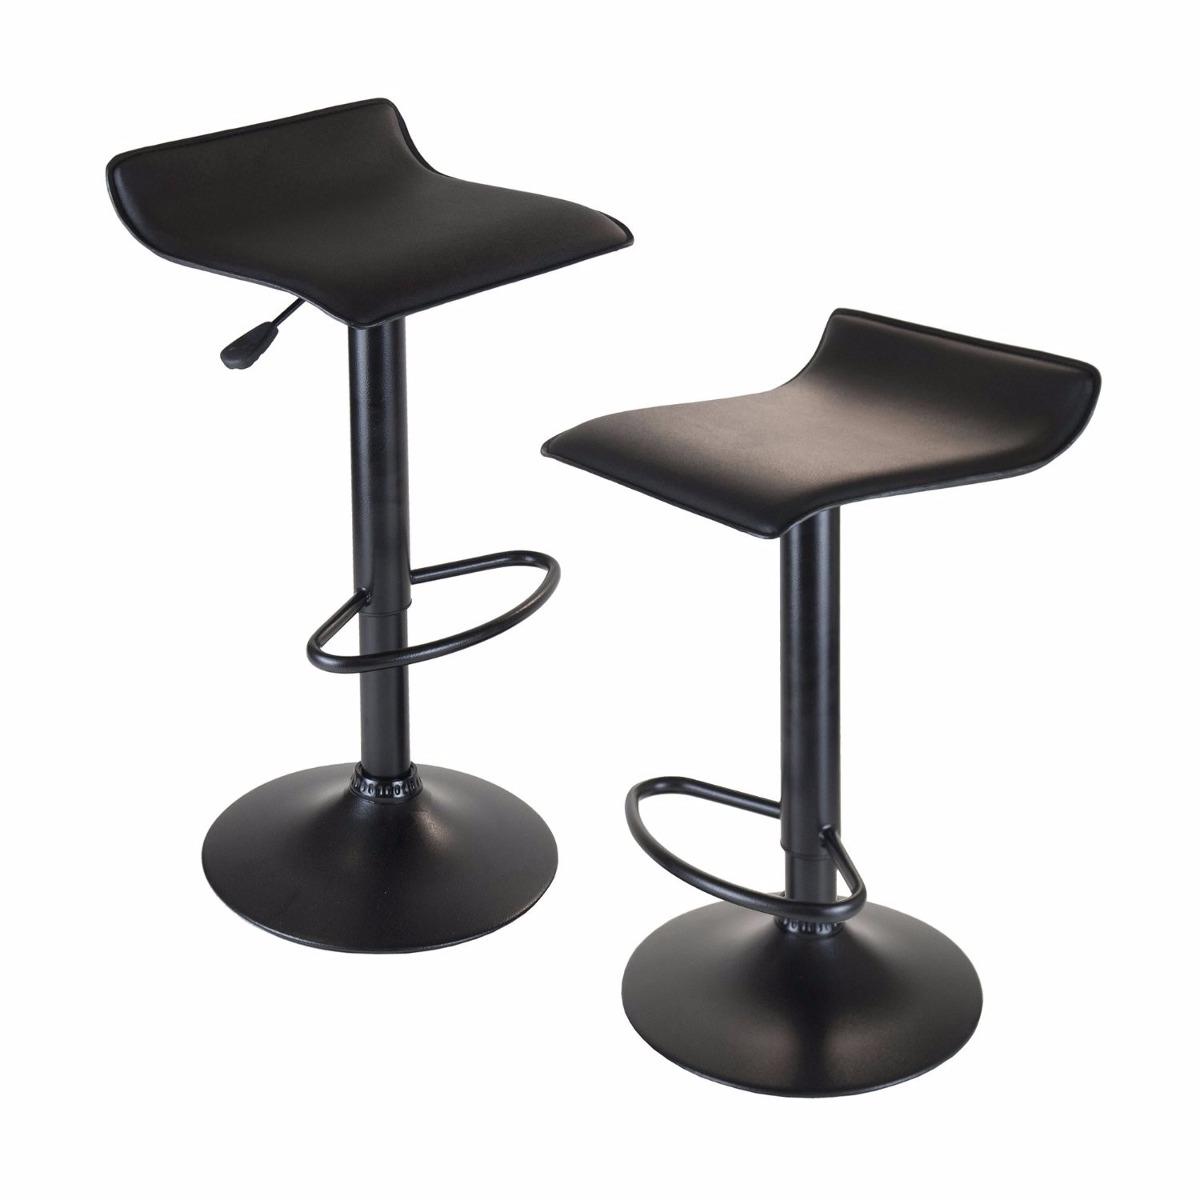 Set 2 sillas banco para cocina barra leick negro base - Sillas para barras de cocina ...